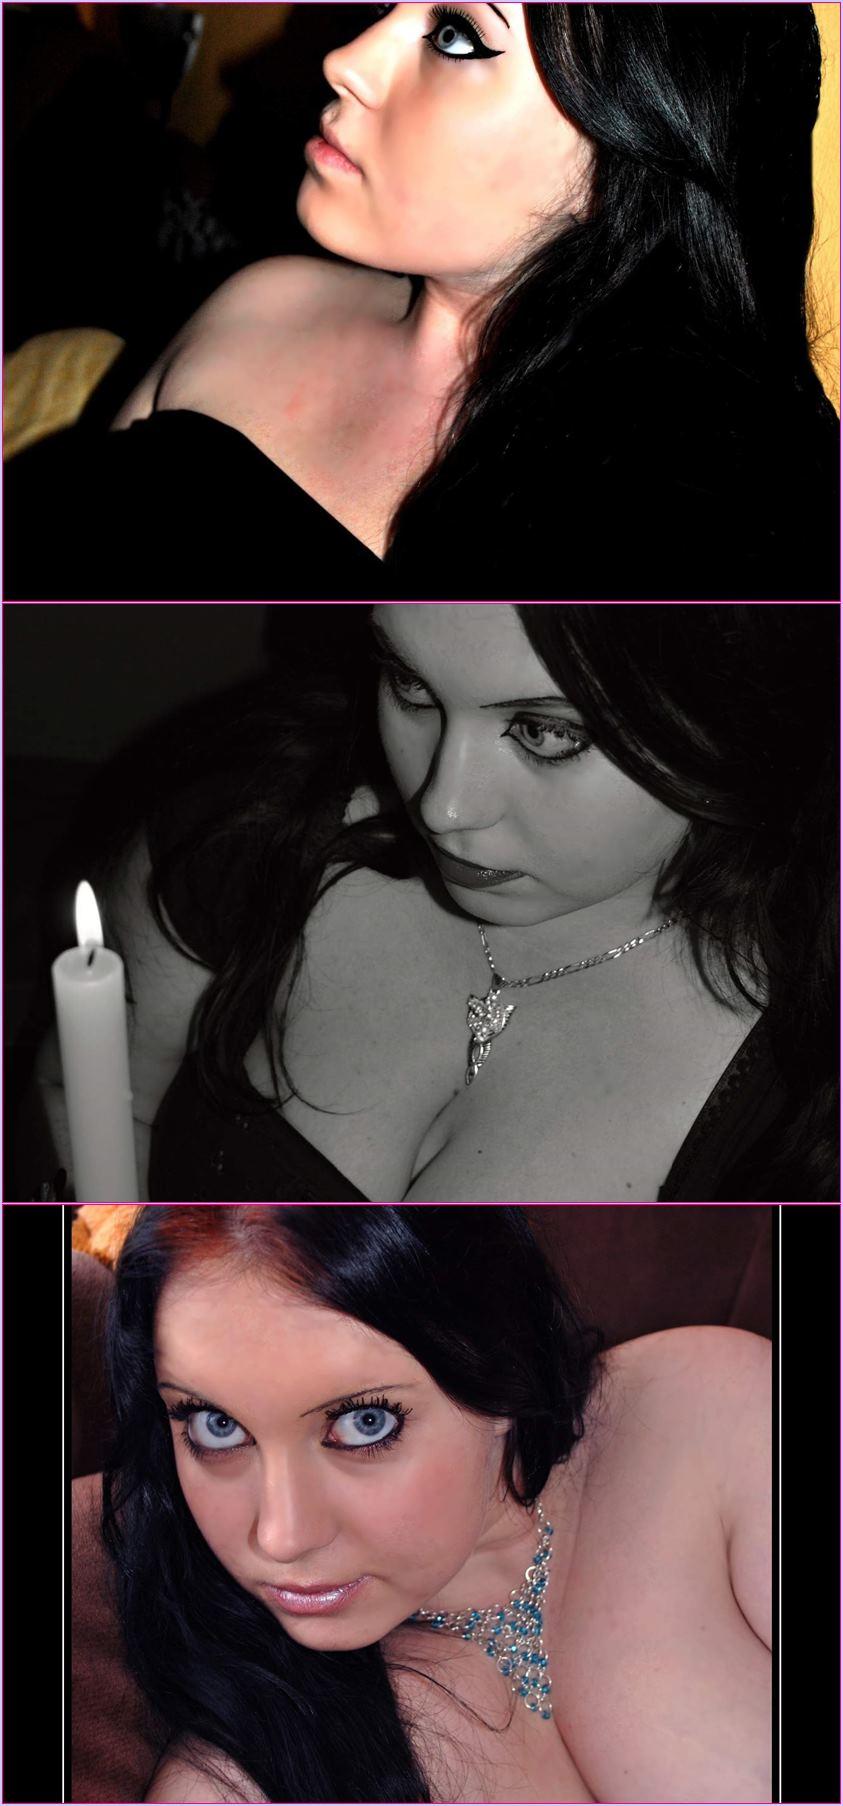 voyeur webcam amateur upload